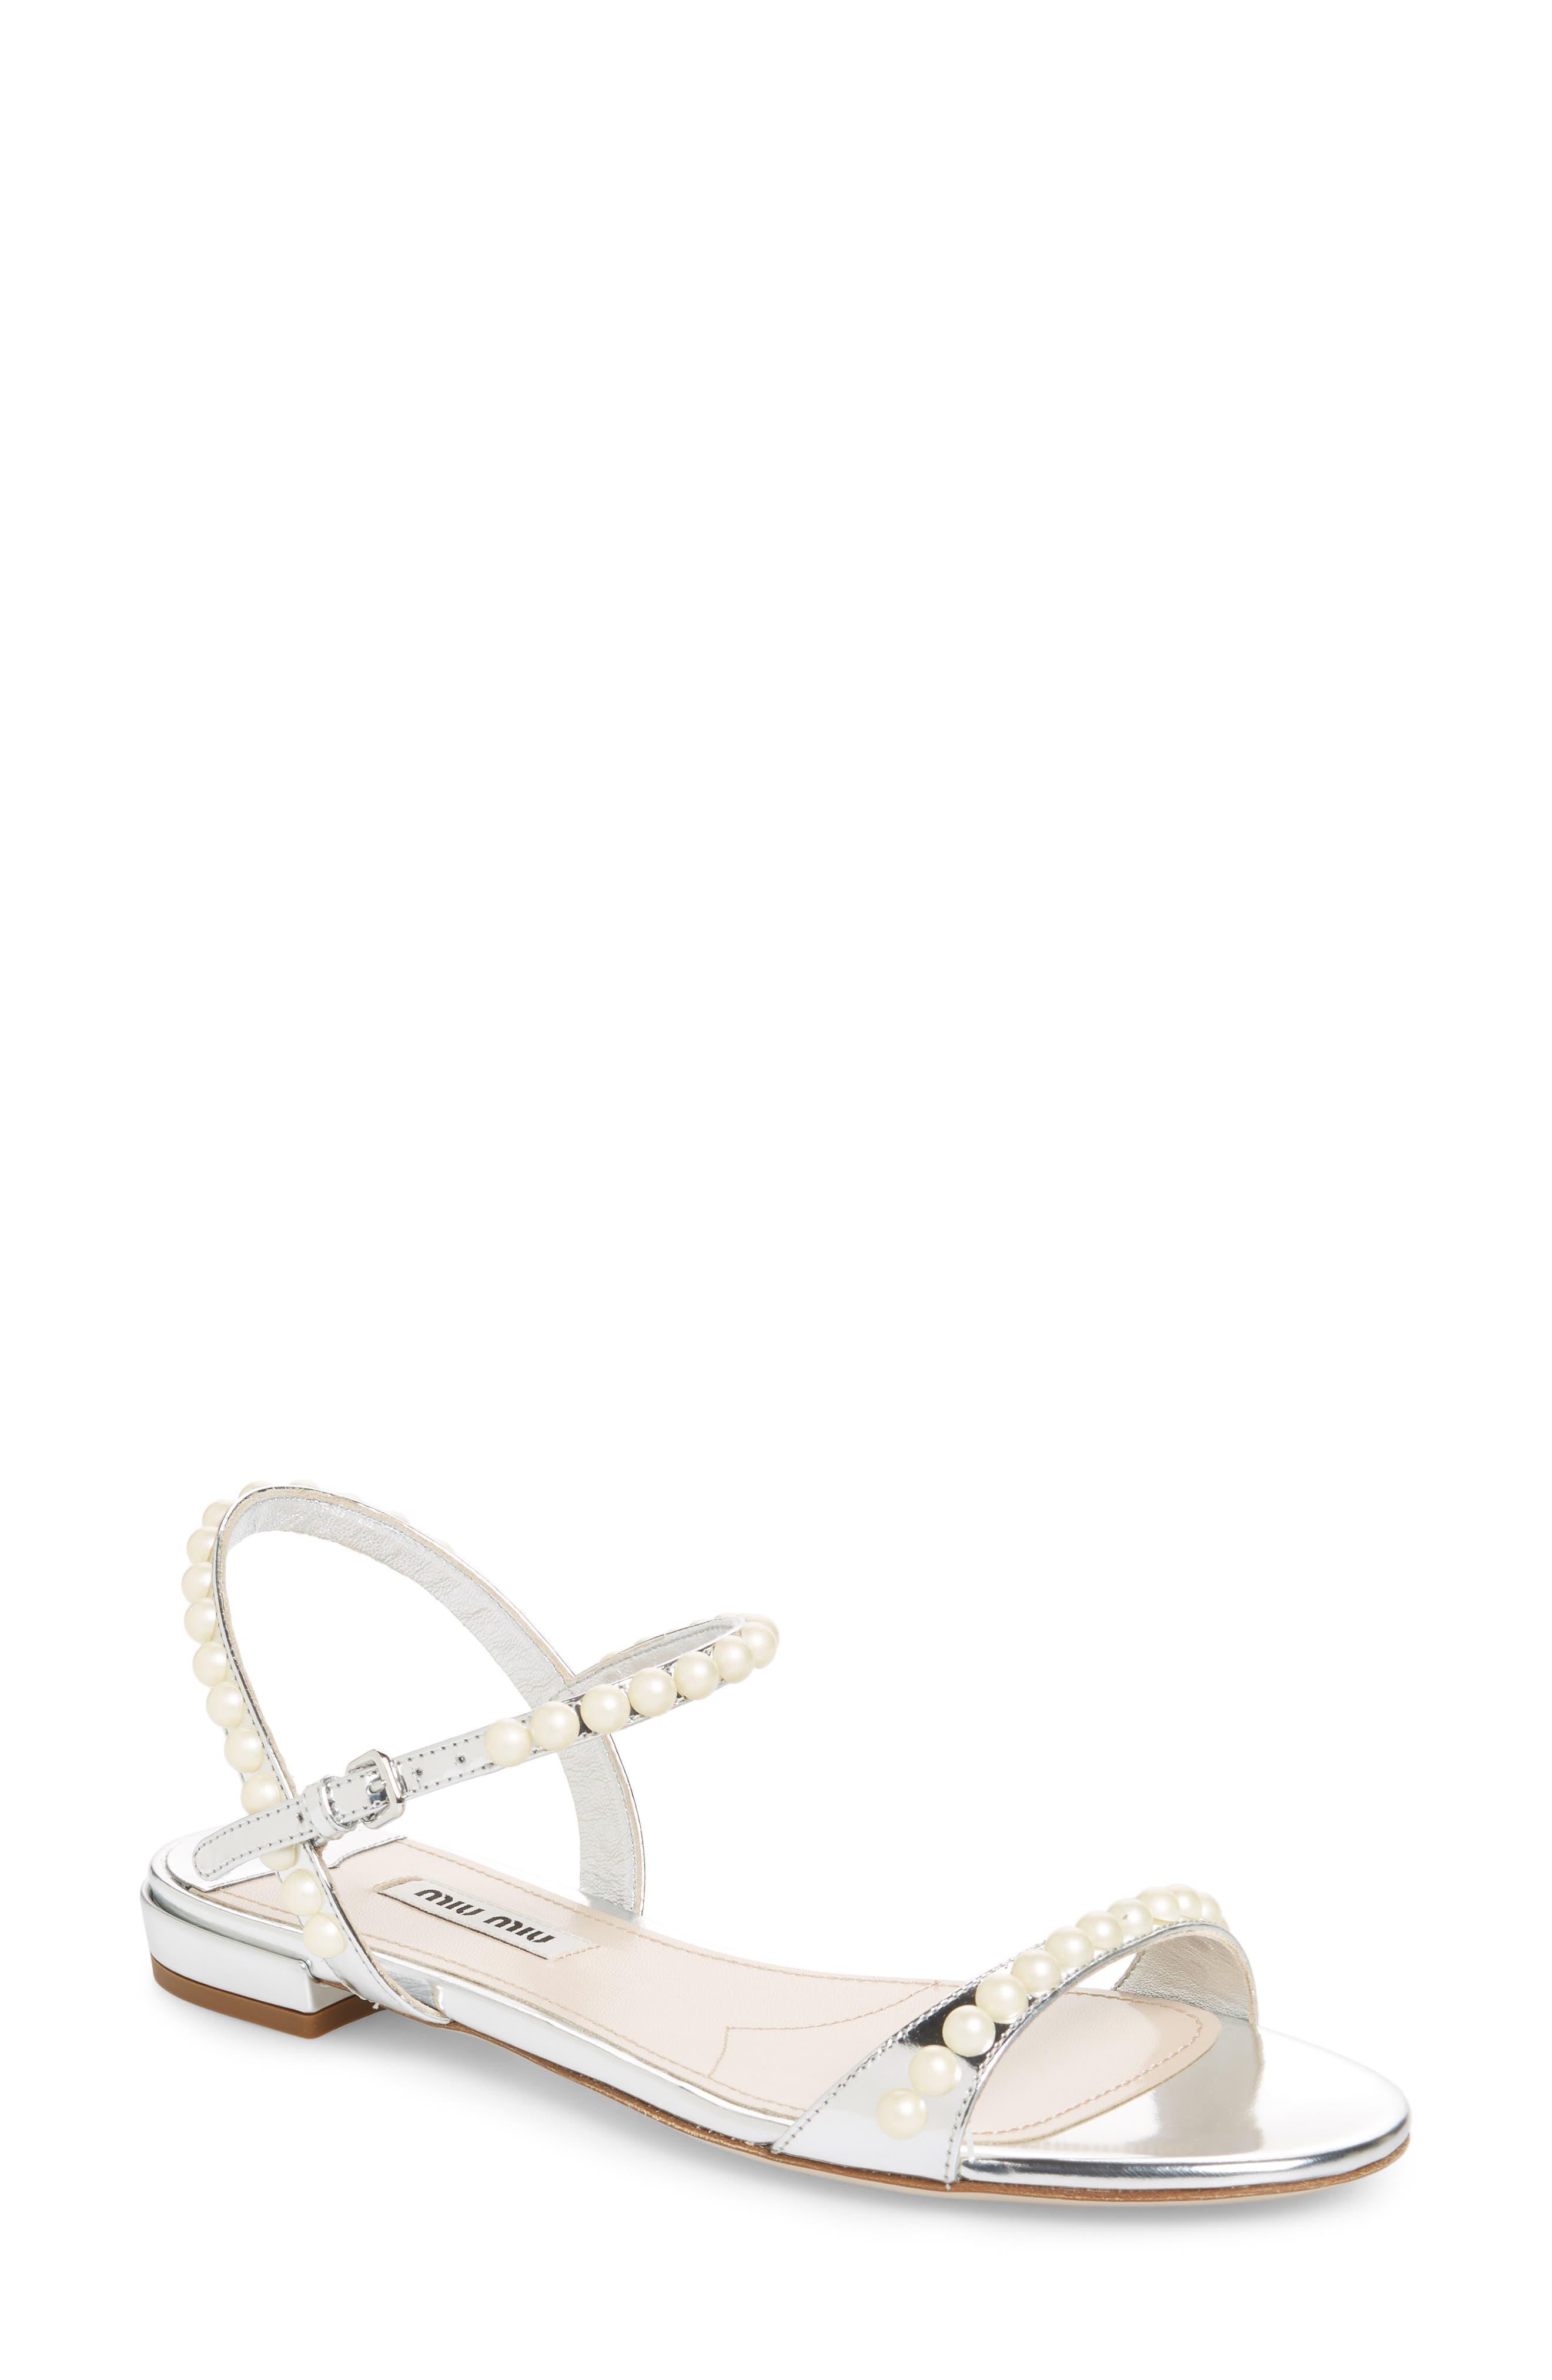 Pearl Sandal,                         Main,                         color, 040